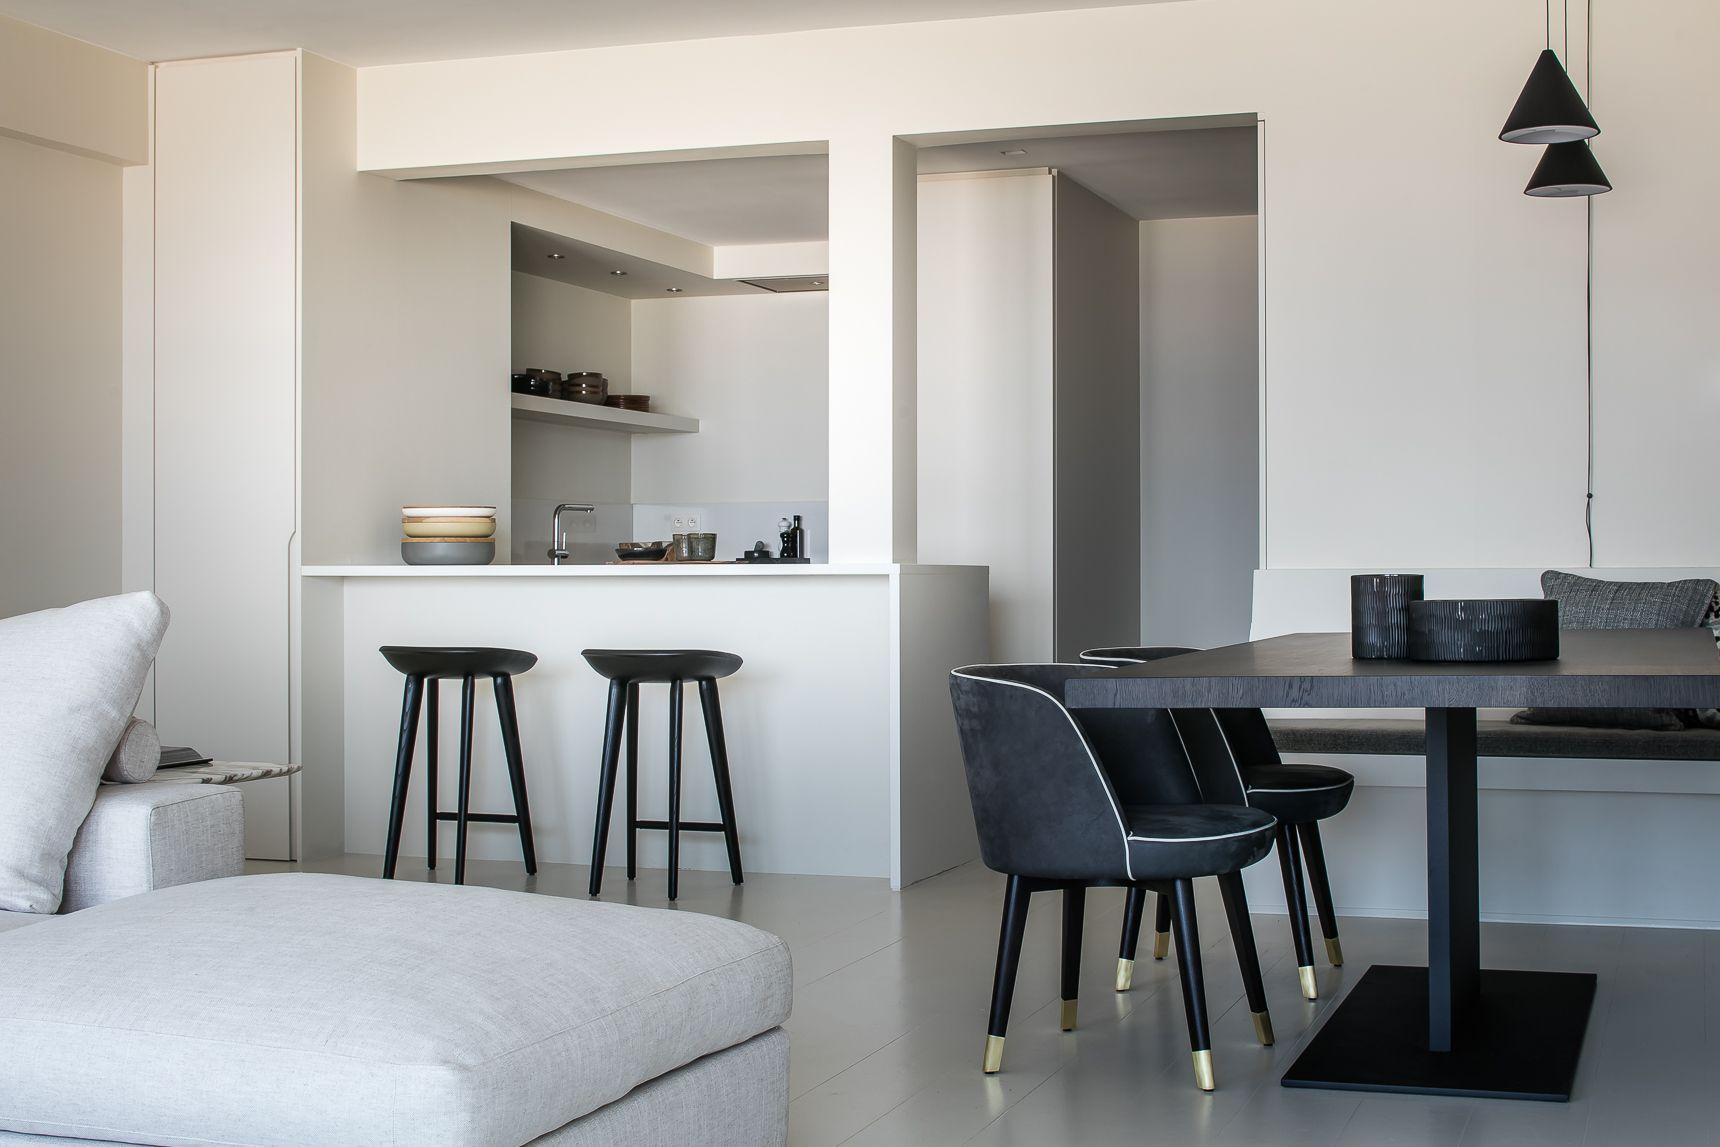 Knokke Woonideeen Interieur Thuis